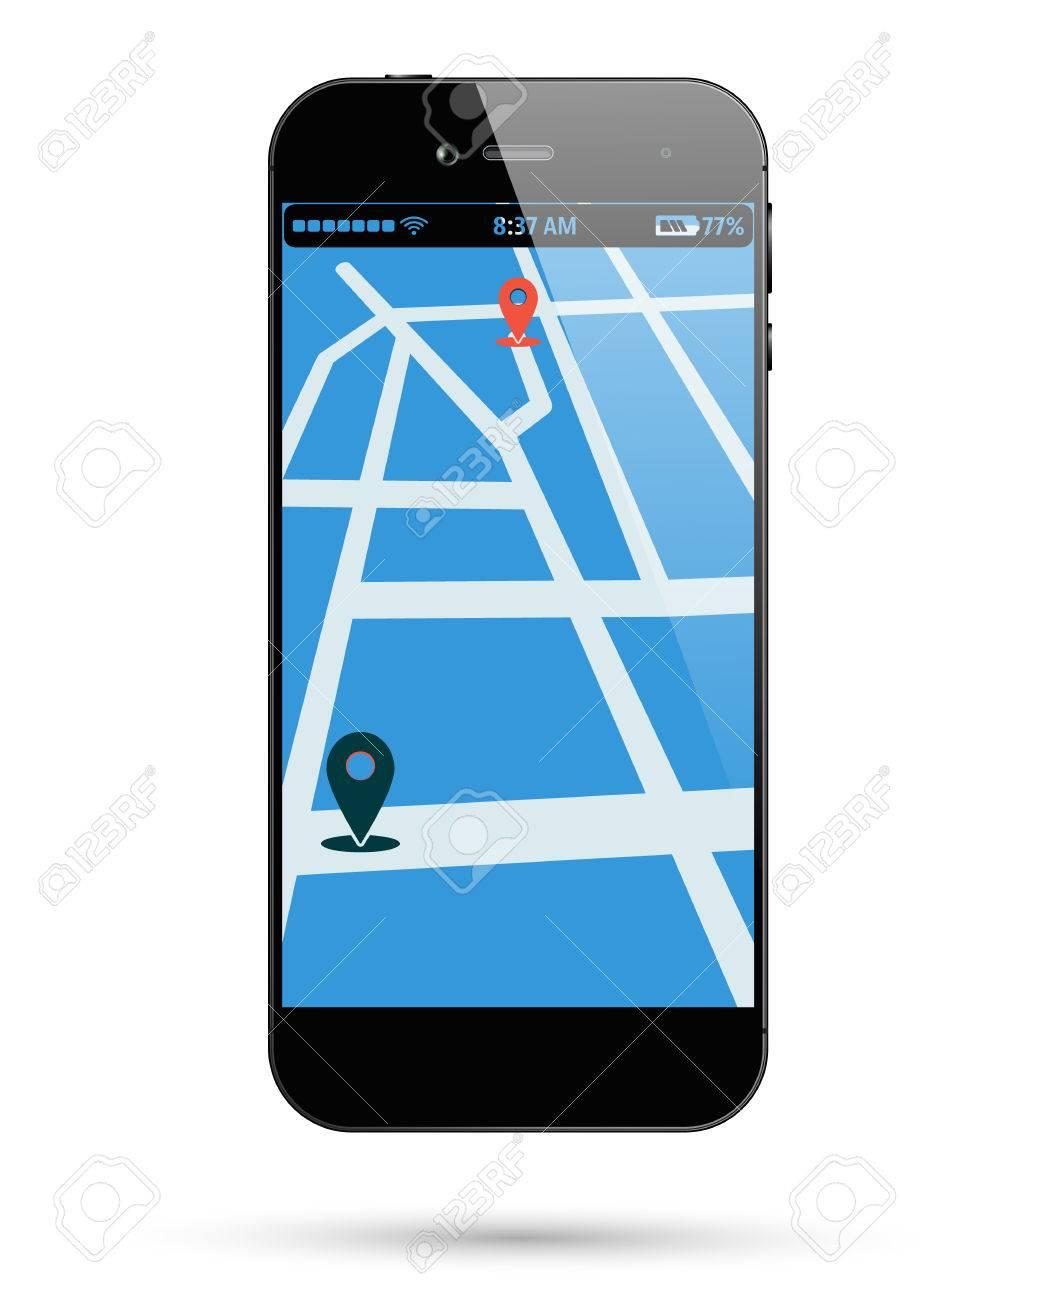 ¿Eres despistado? Te mostramos cómo rastrear un celular y saber su ubicación